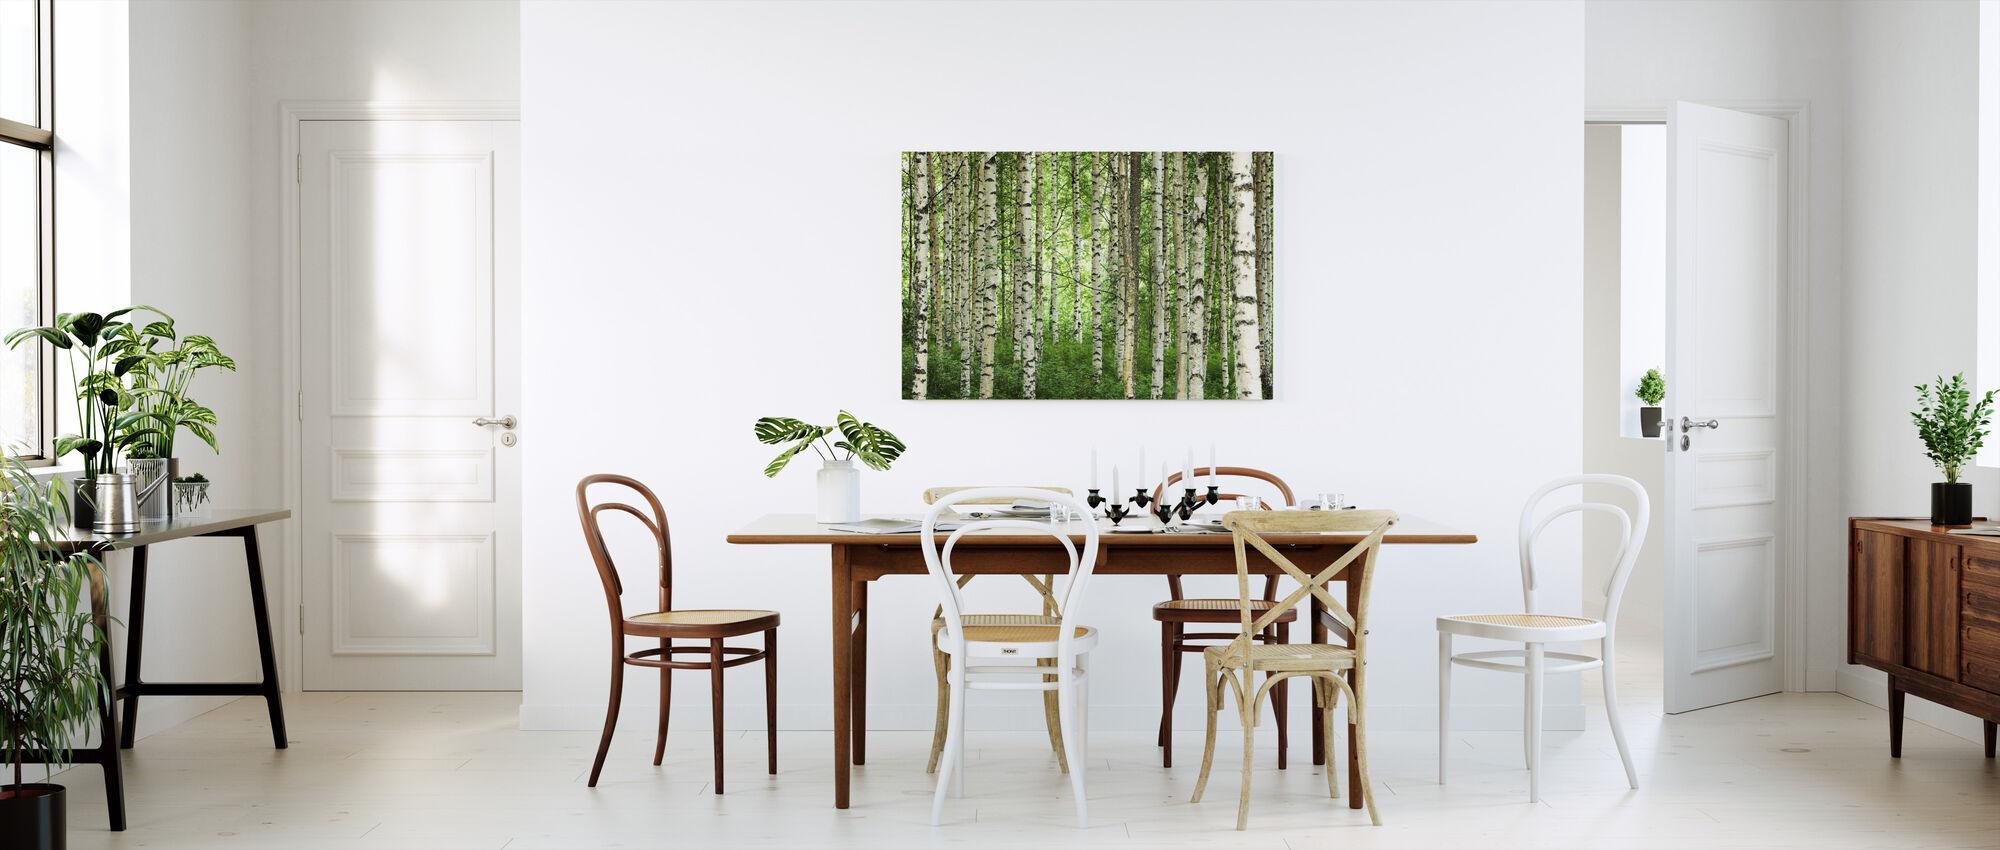 Kirkas koivu metsä - Canvastaulu - Keittiö